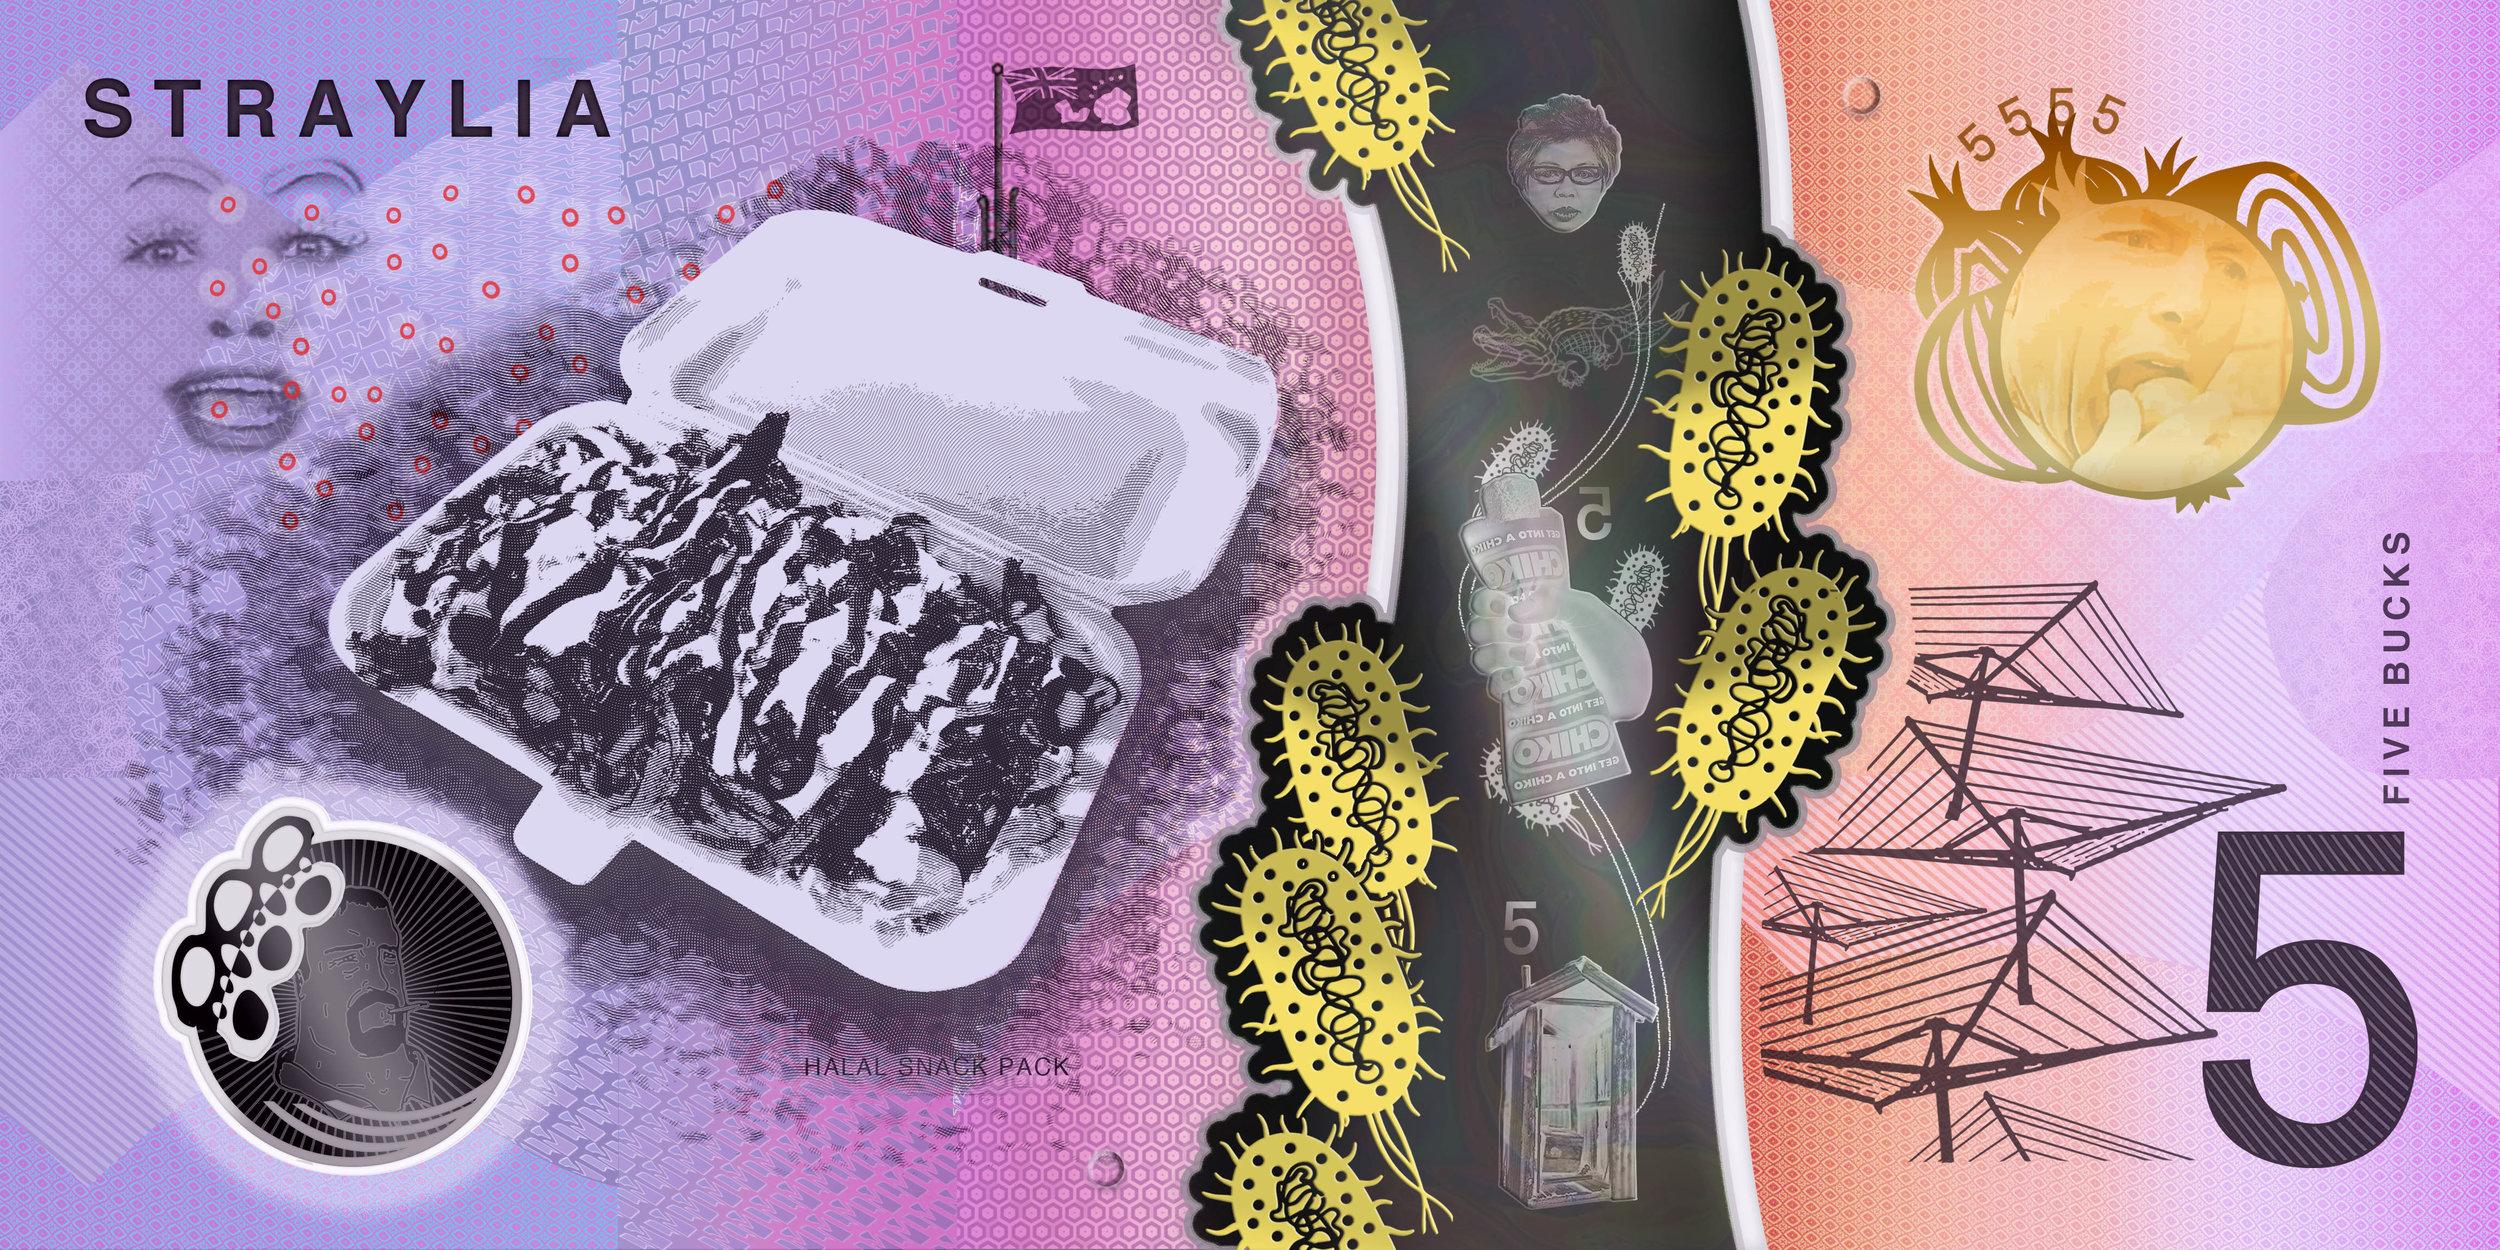 Features:Halal snack pack(HSP), Mulligrubs, Onion eating hologram,Hills Hoist